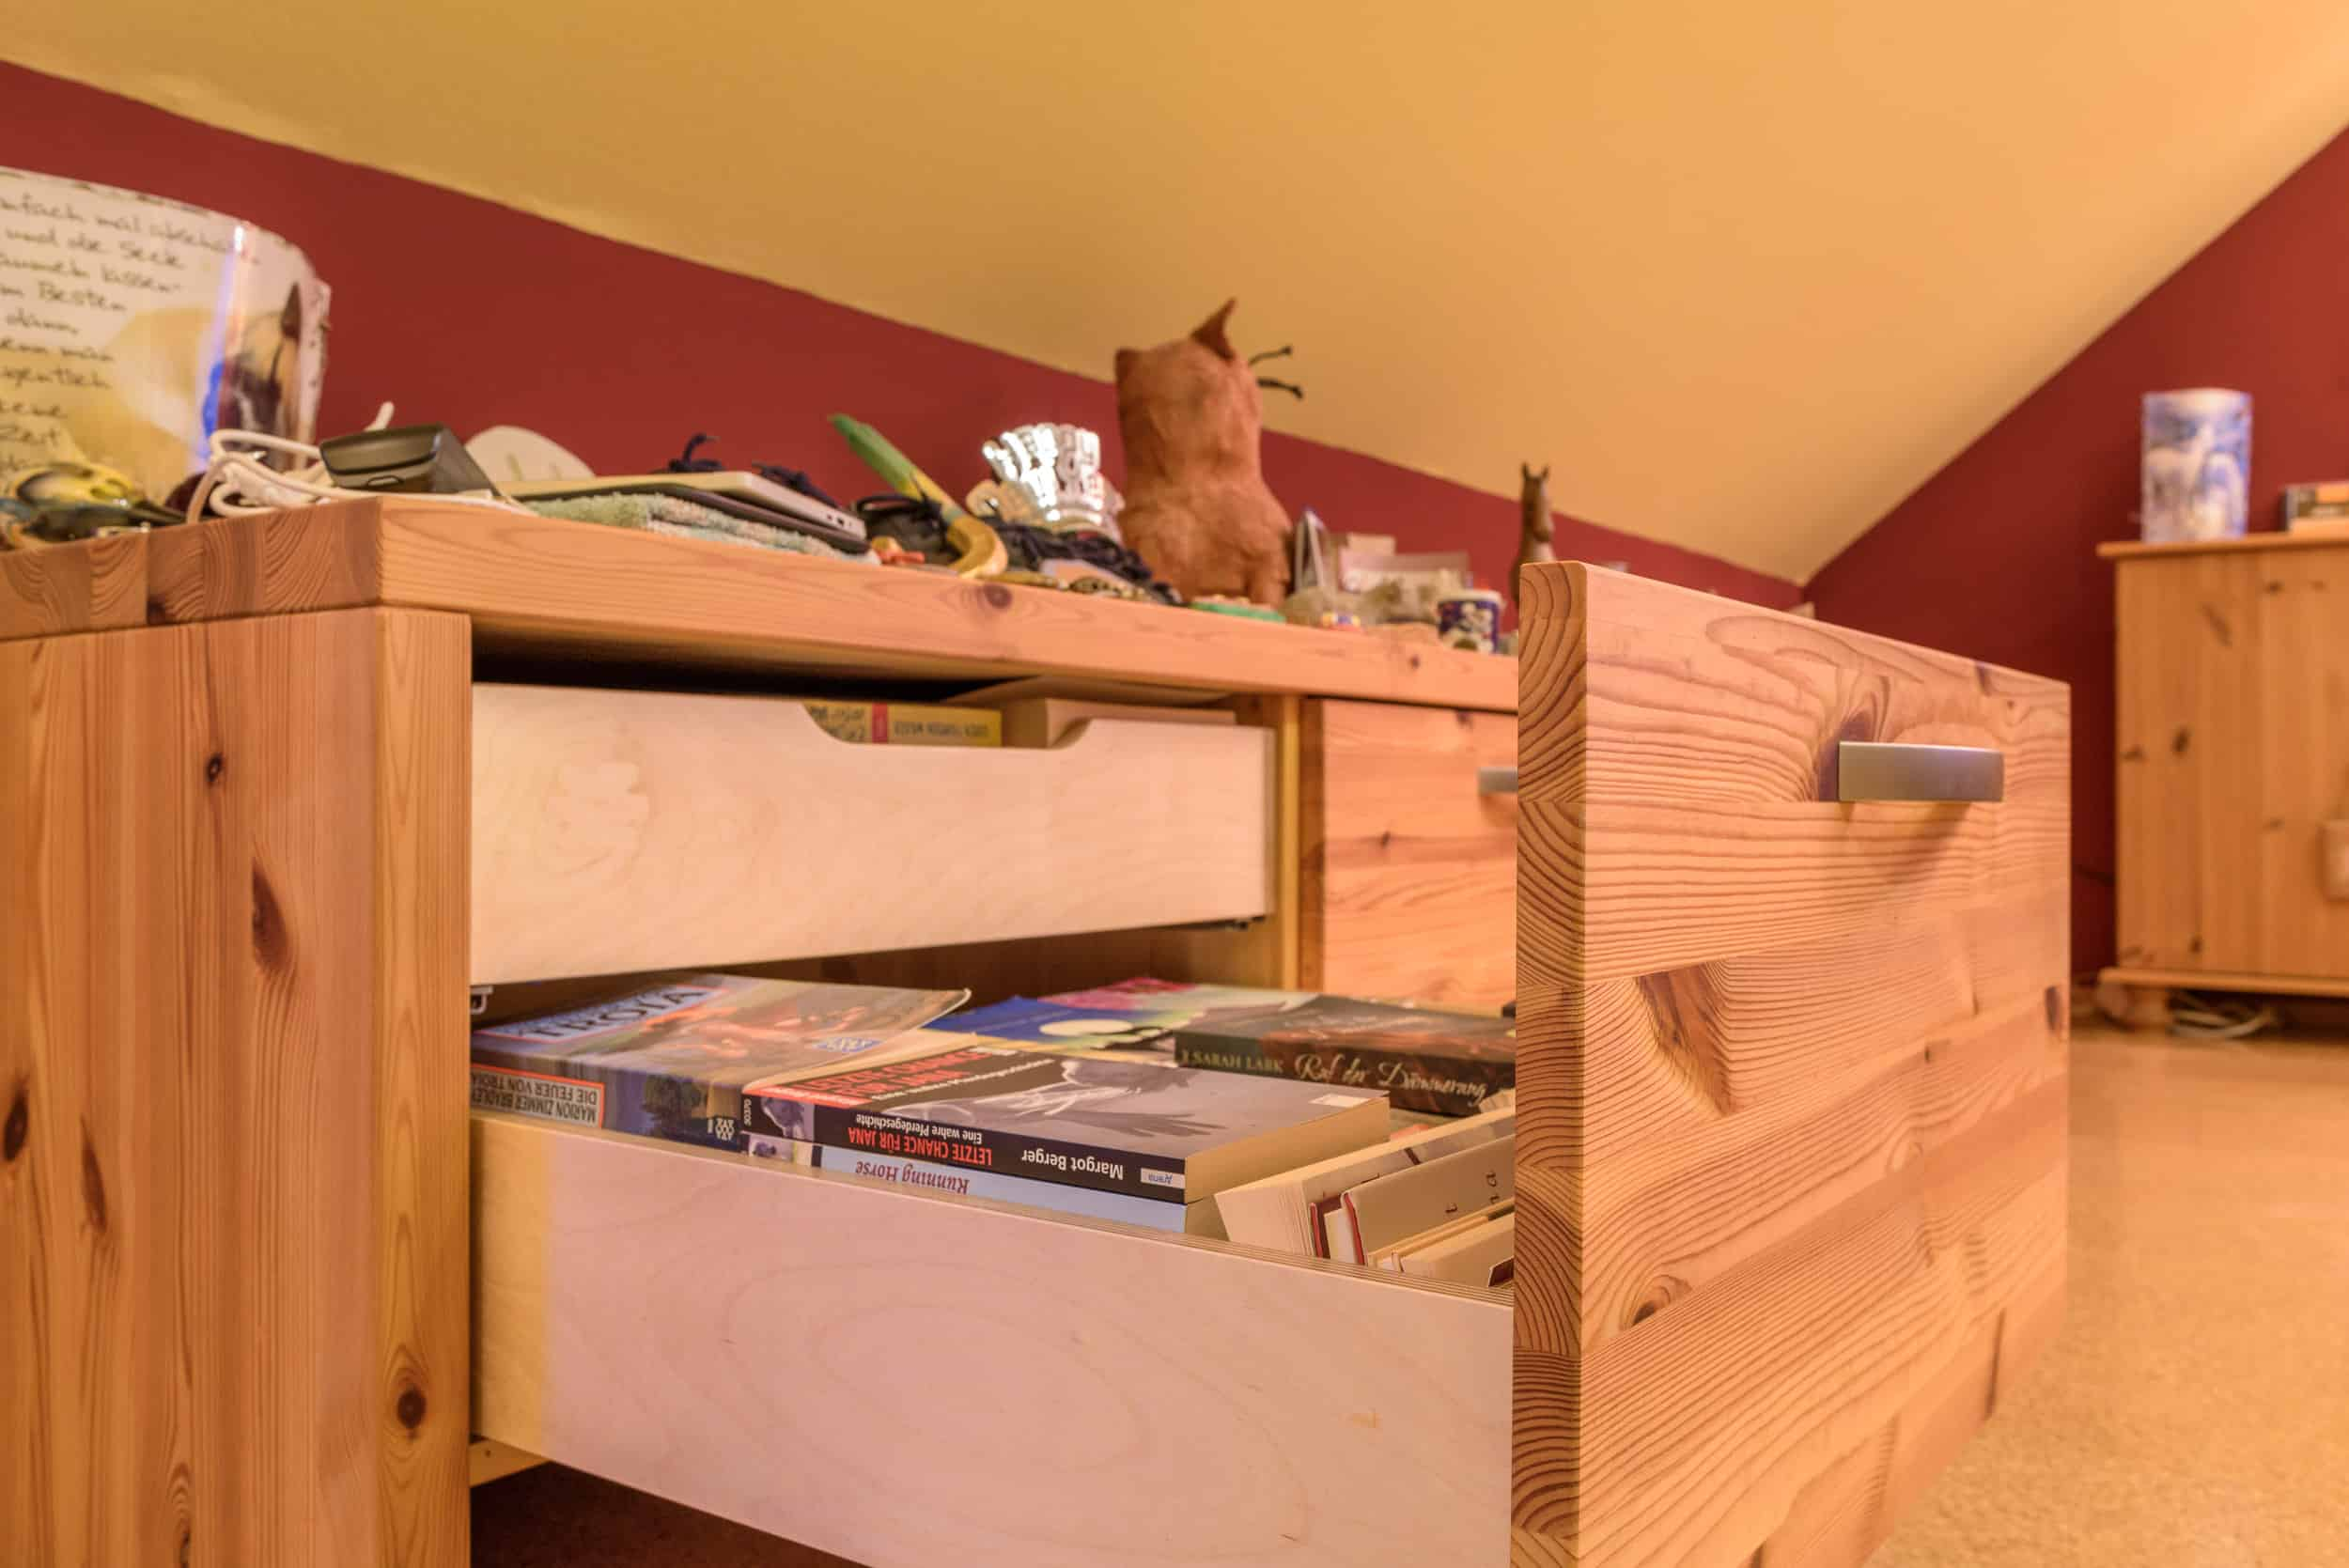 Funktionales Sideboard im Jugendzimmer